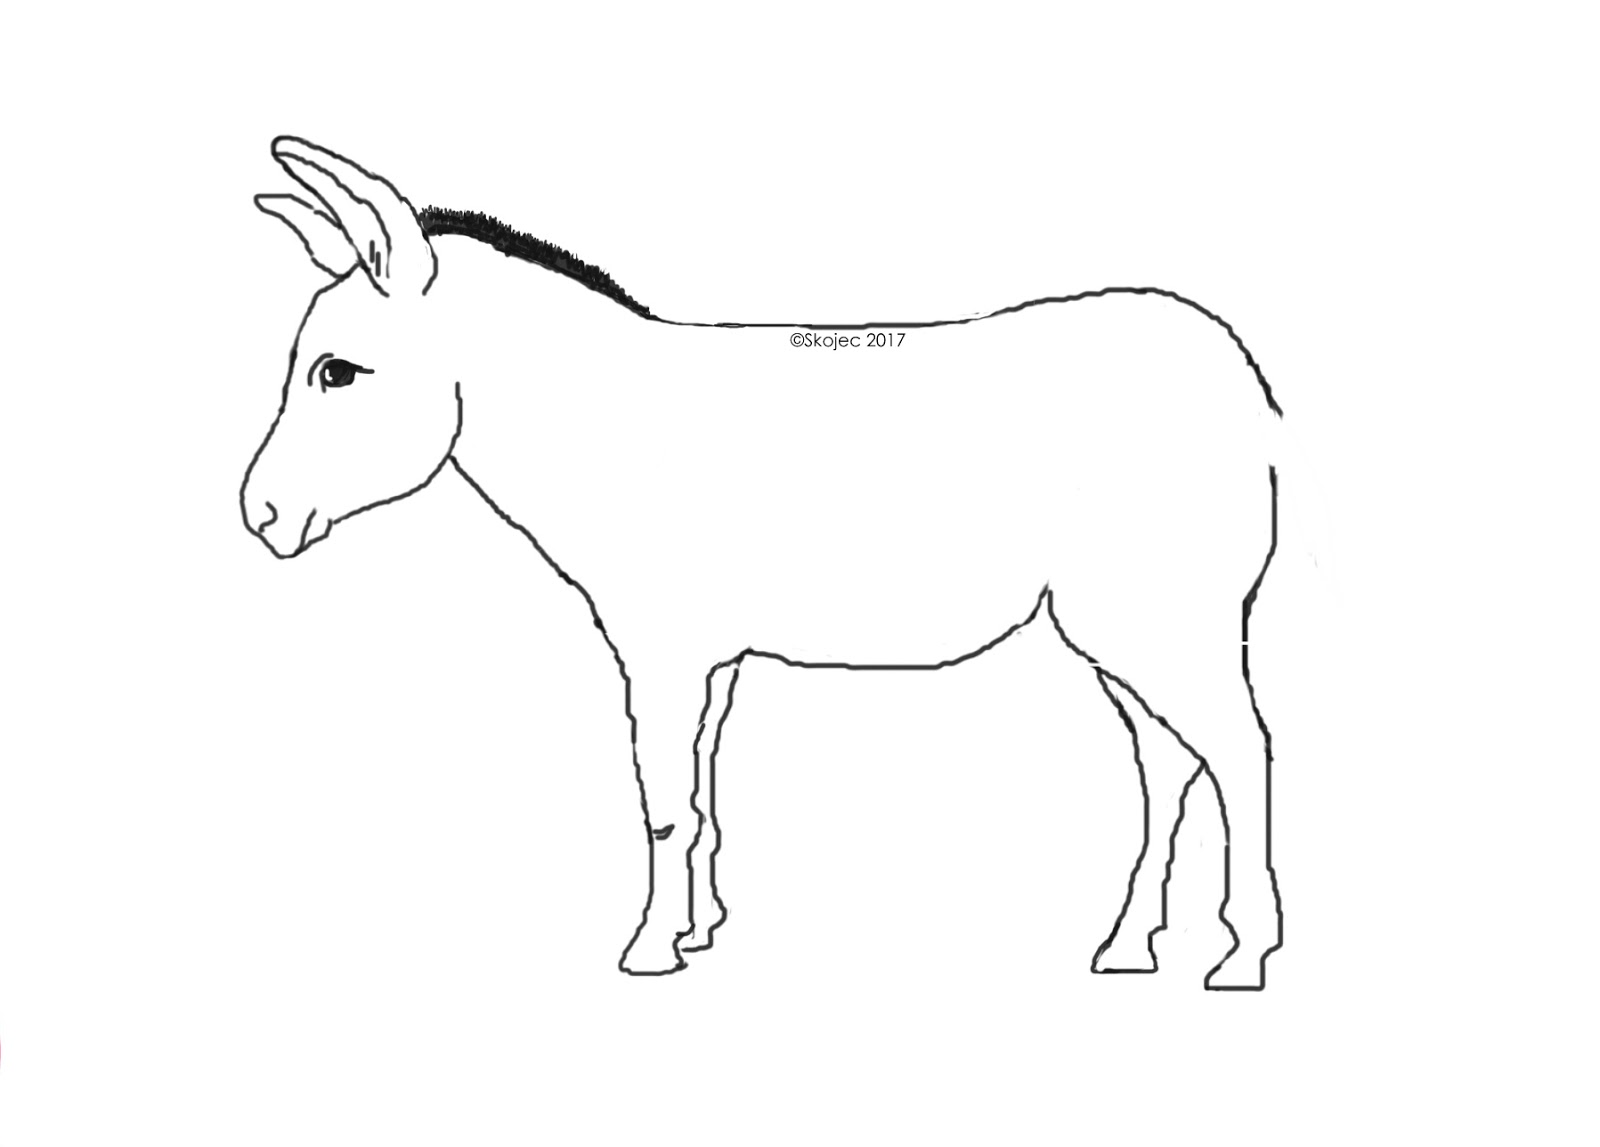 рисунки животных без хвоста для конкурса полностью